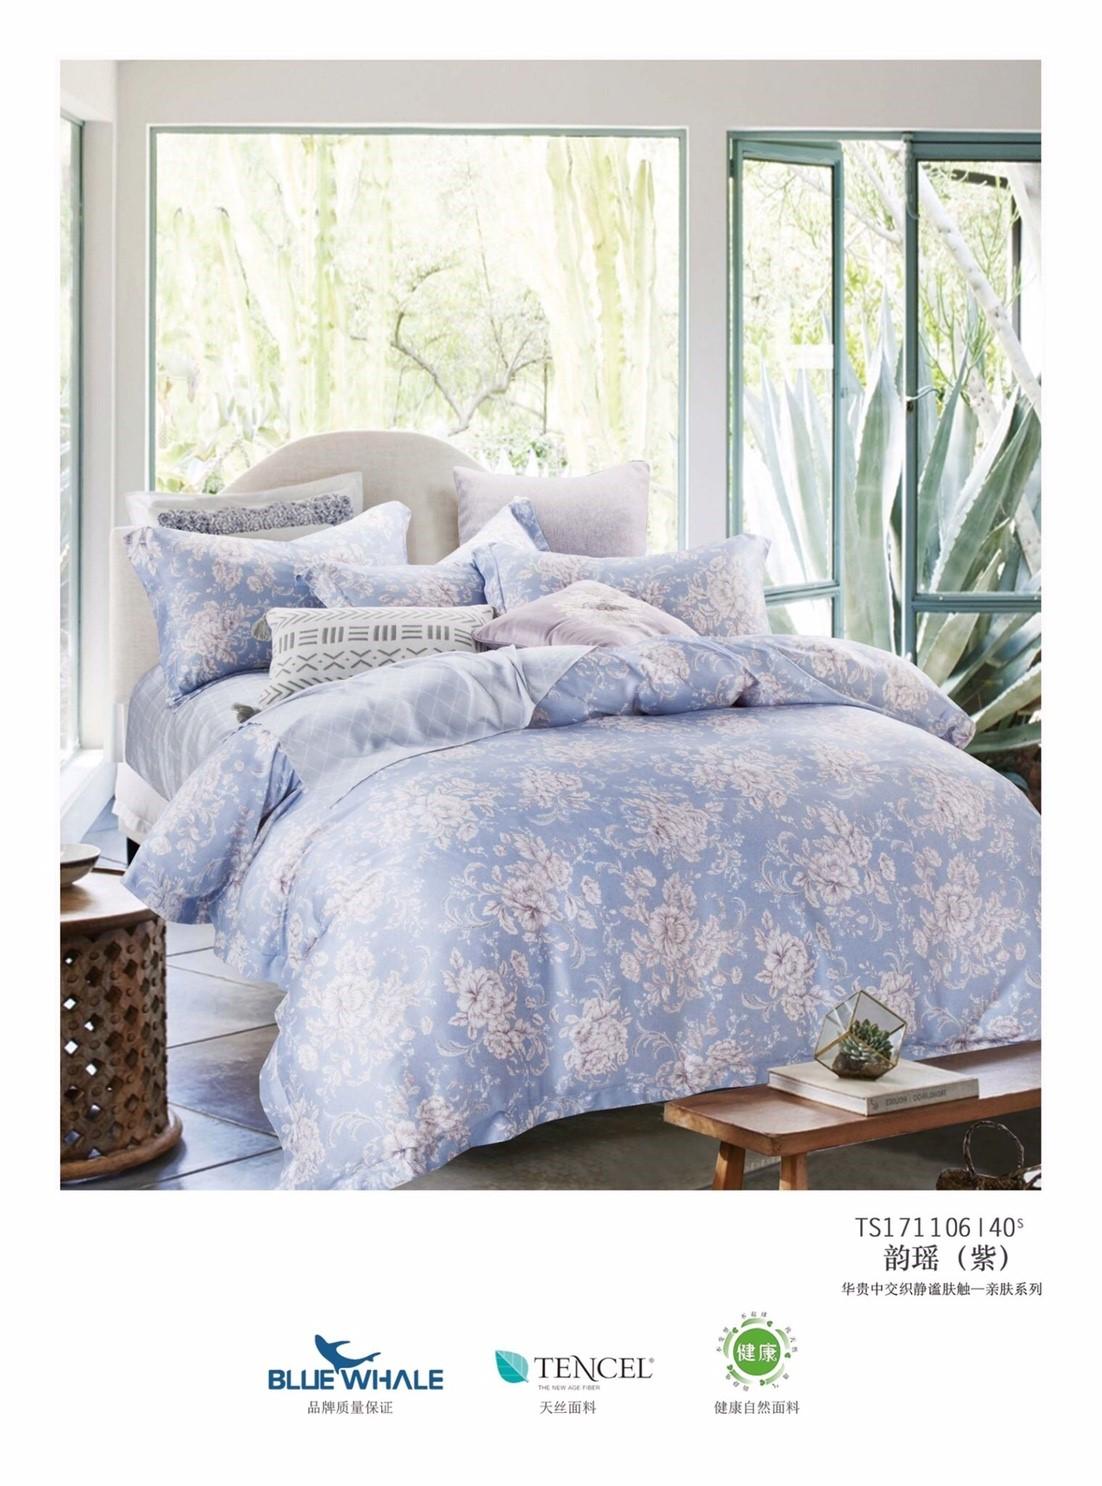 【特惠純天然】藍薇7件式天絲鋪棉床罩組